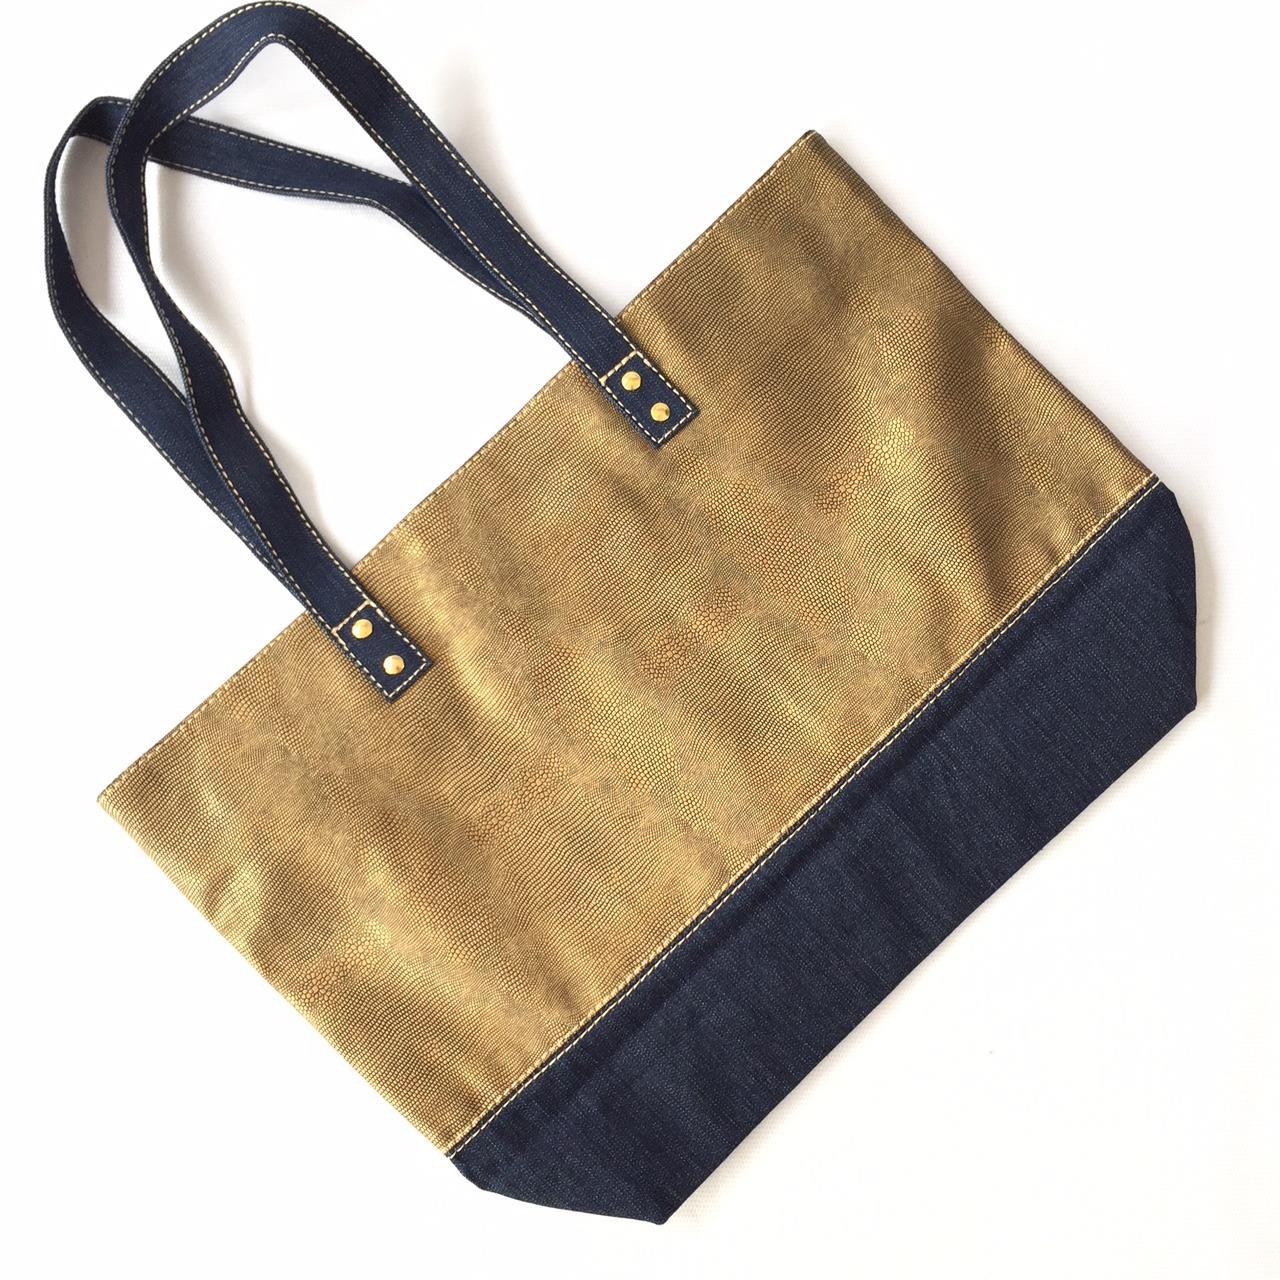 9cf06e768 Bolsa Tiracolo Dourada e jeans Classica no Elo7 | PATRICIA HENRIQUES  (AE2FED)